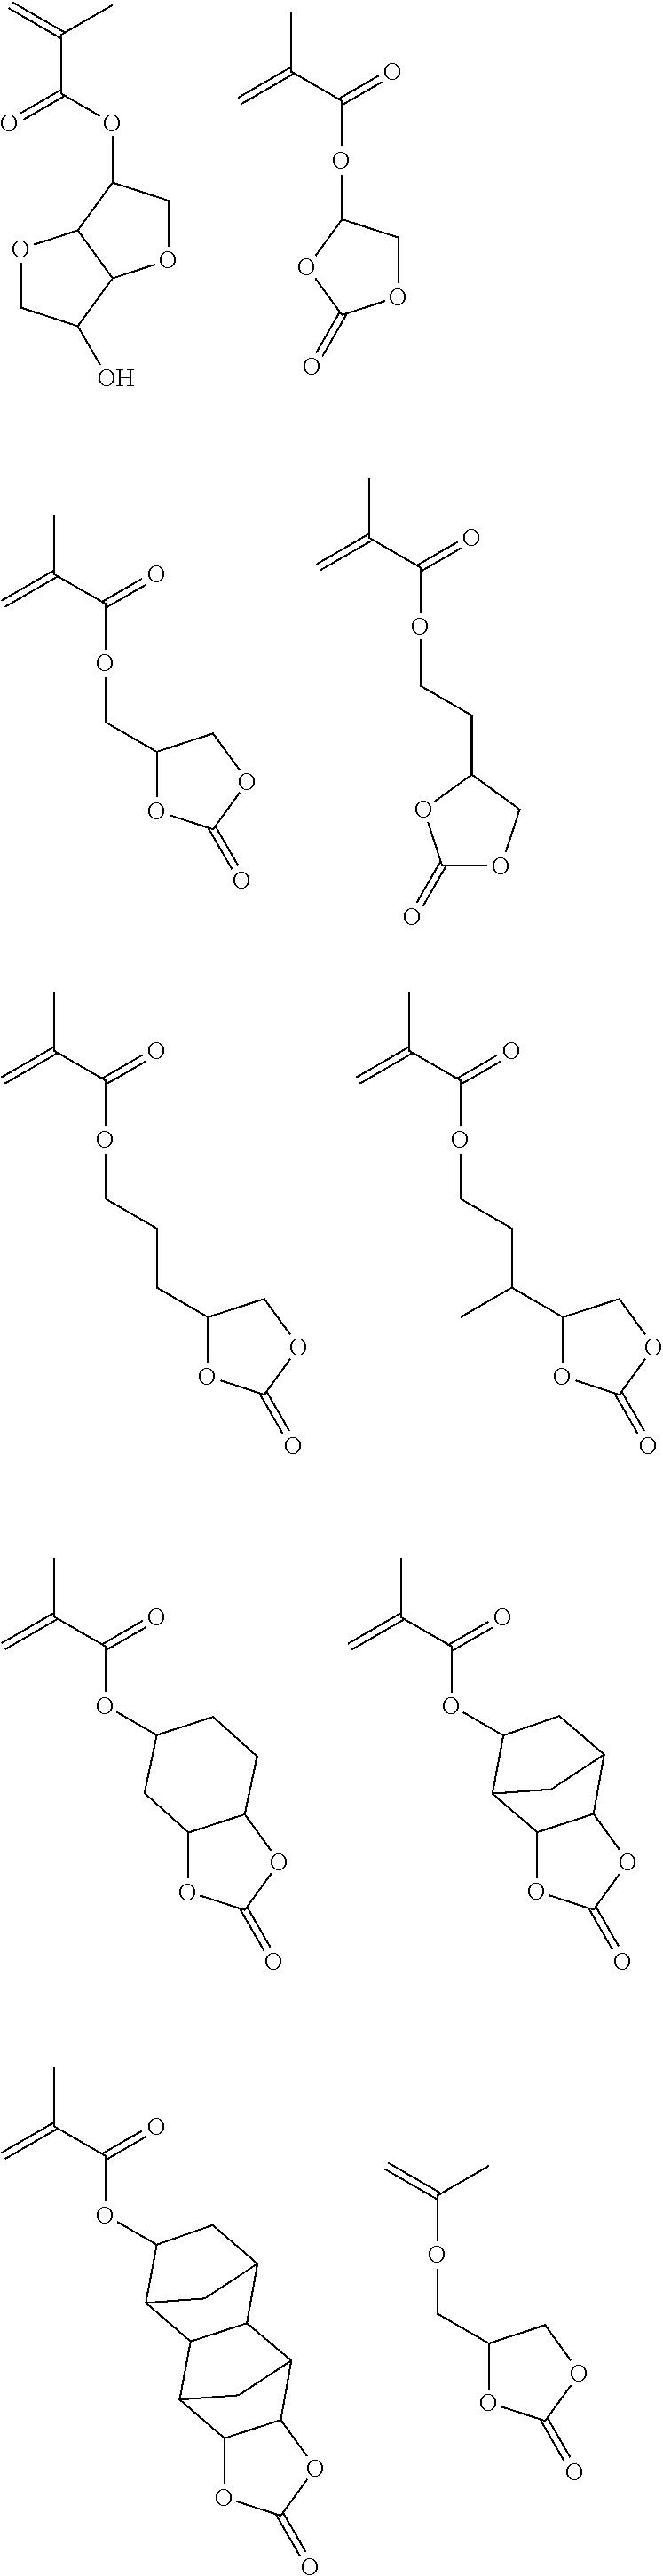 Figure US08822136-20140902-C00065